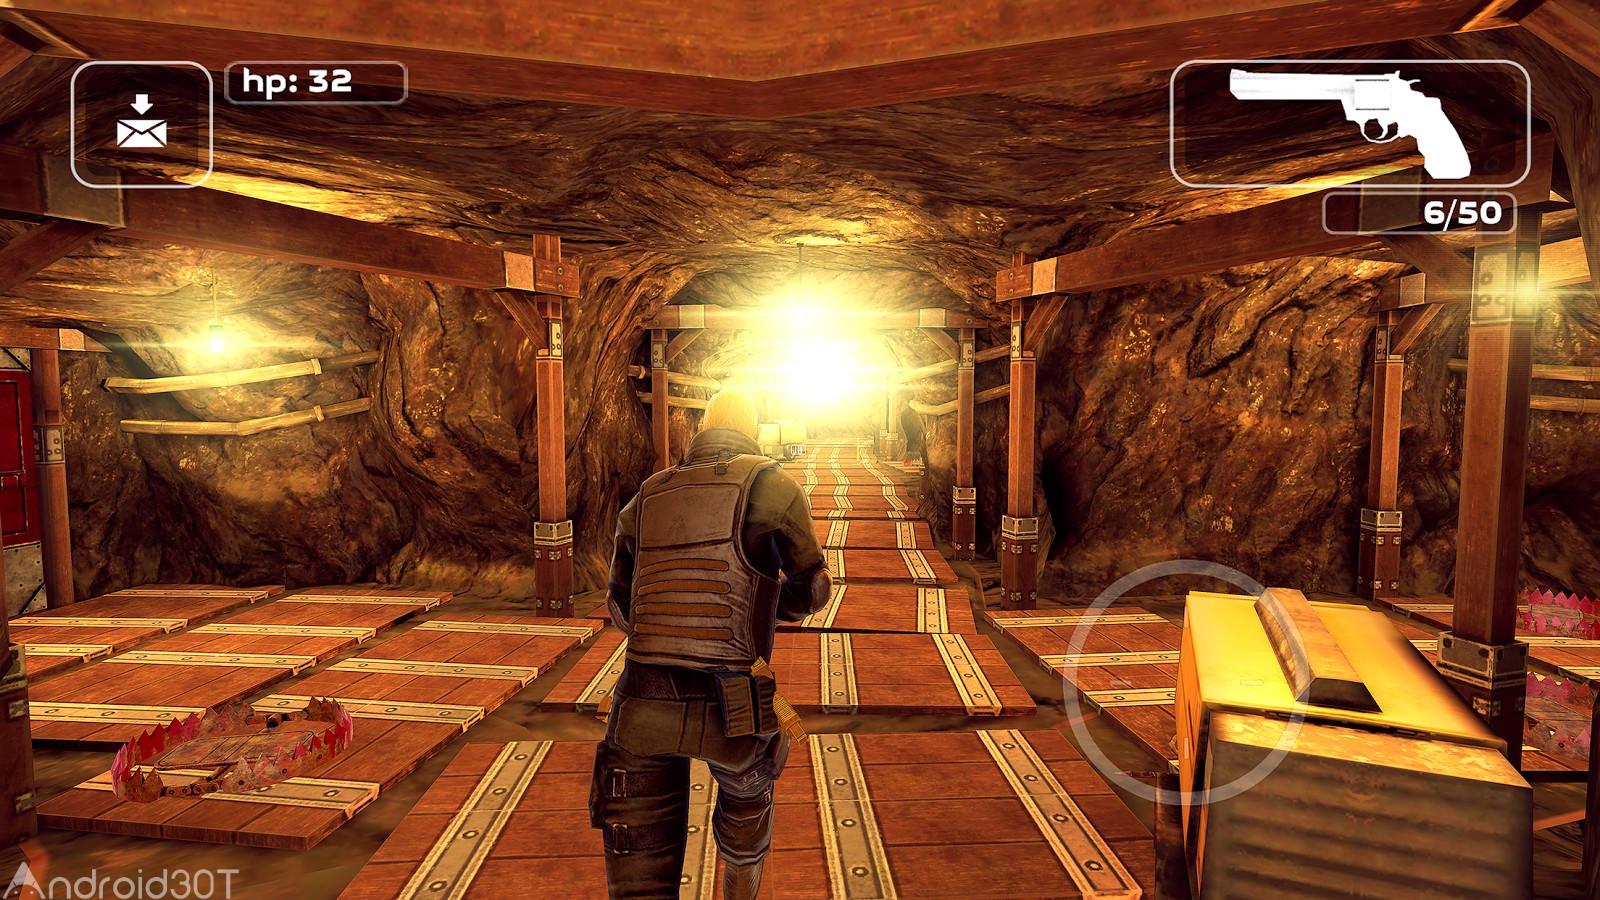 دانلود Slaughter 2: Prison Assault 1.3 – بازی اکشن حمله به زندان اندروید